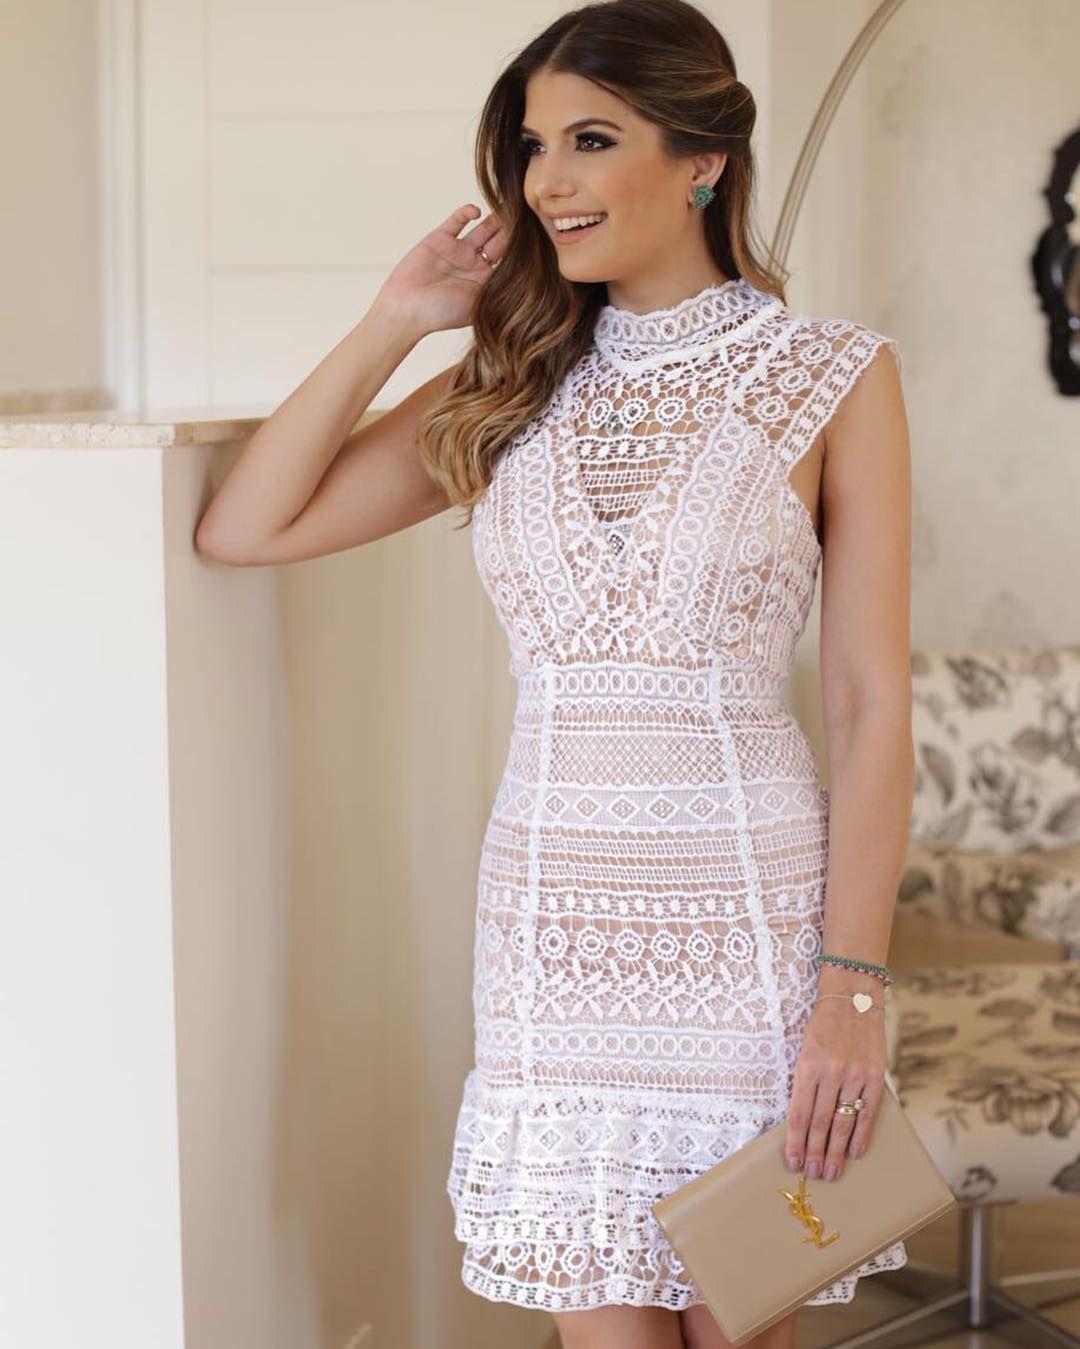 ddc0b61c3 Lindo vestido branco com renda | style | Vestidos, Roupas para ...